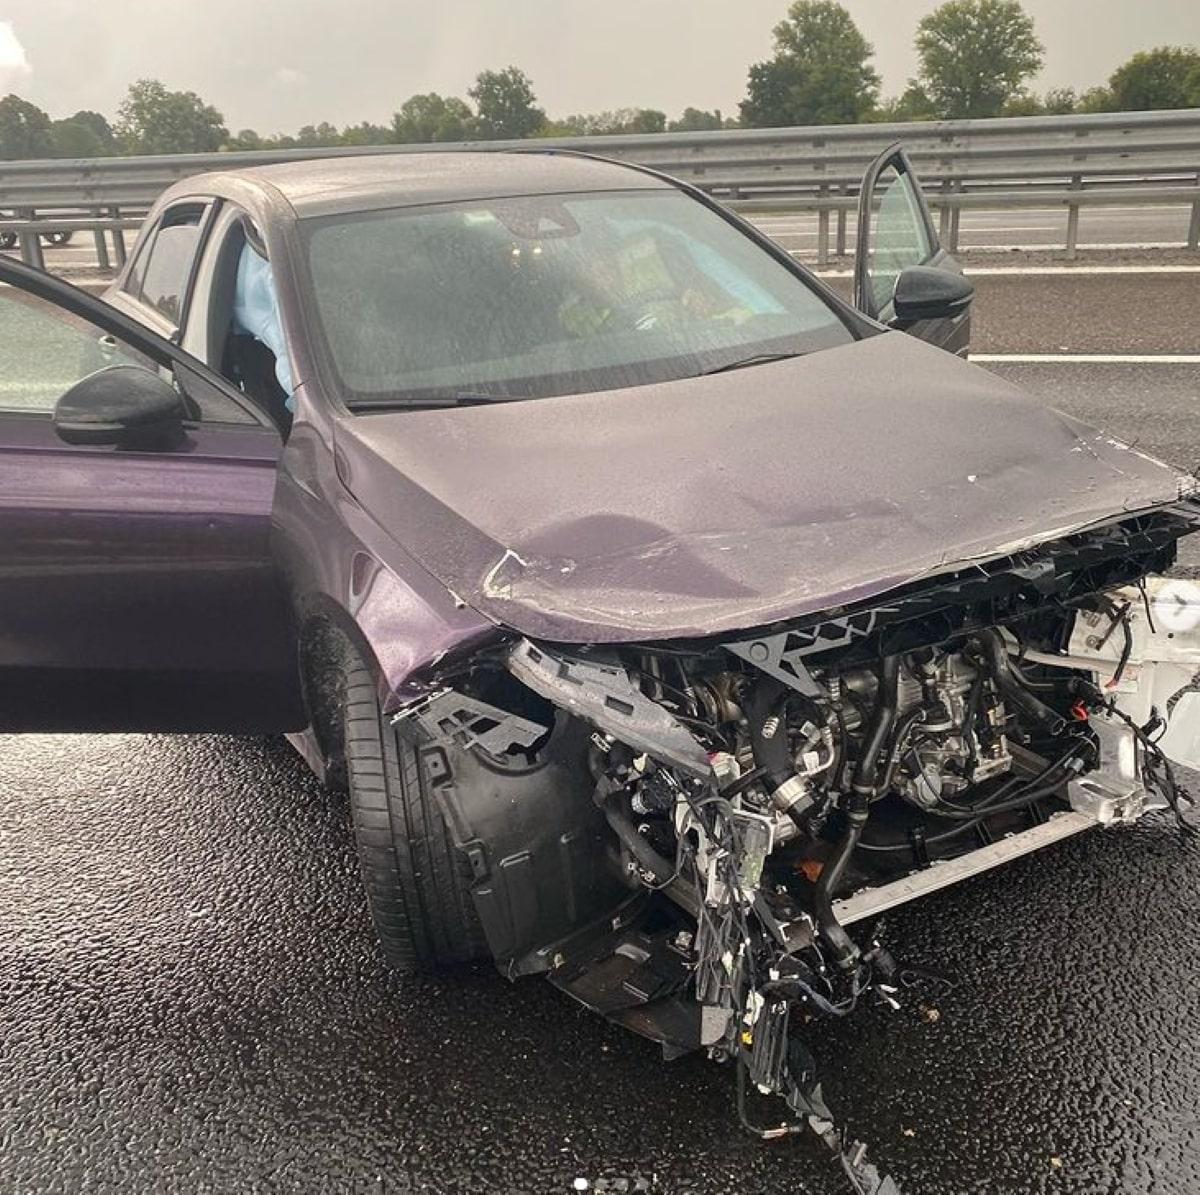 Tedua Cantante Incidente Autostrada Rischio Morte